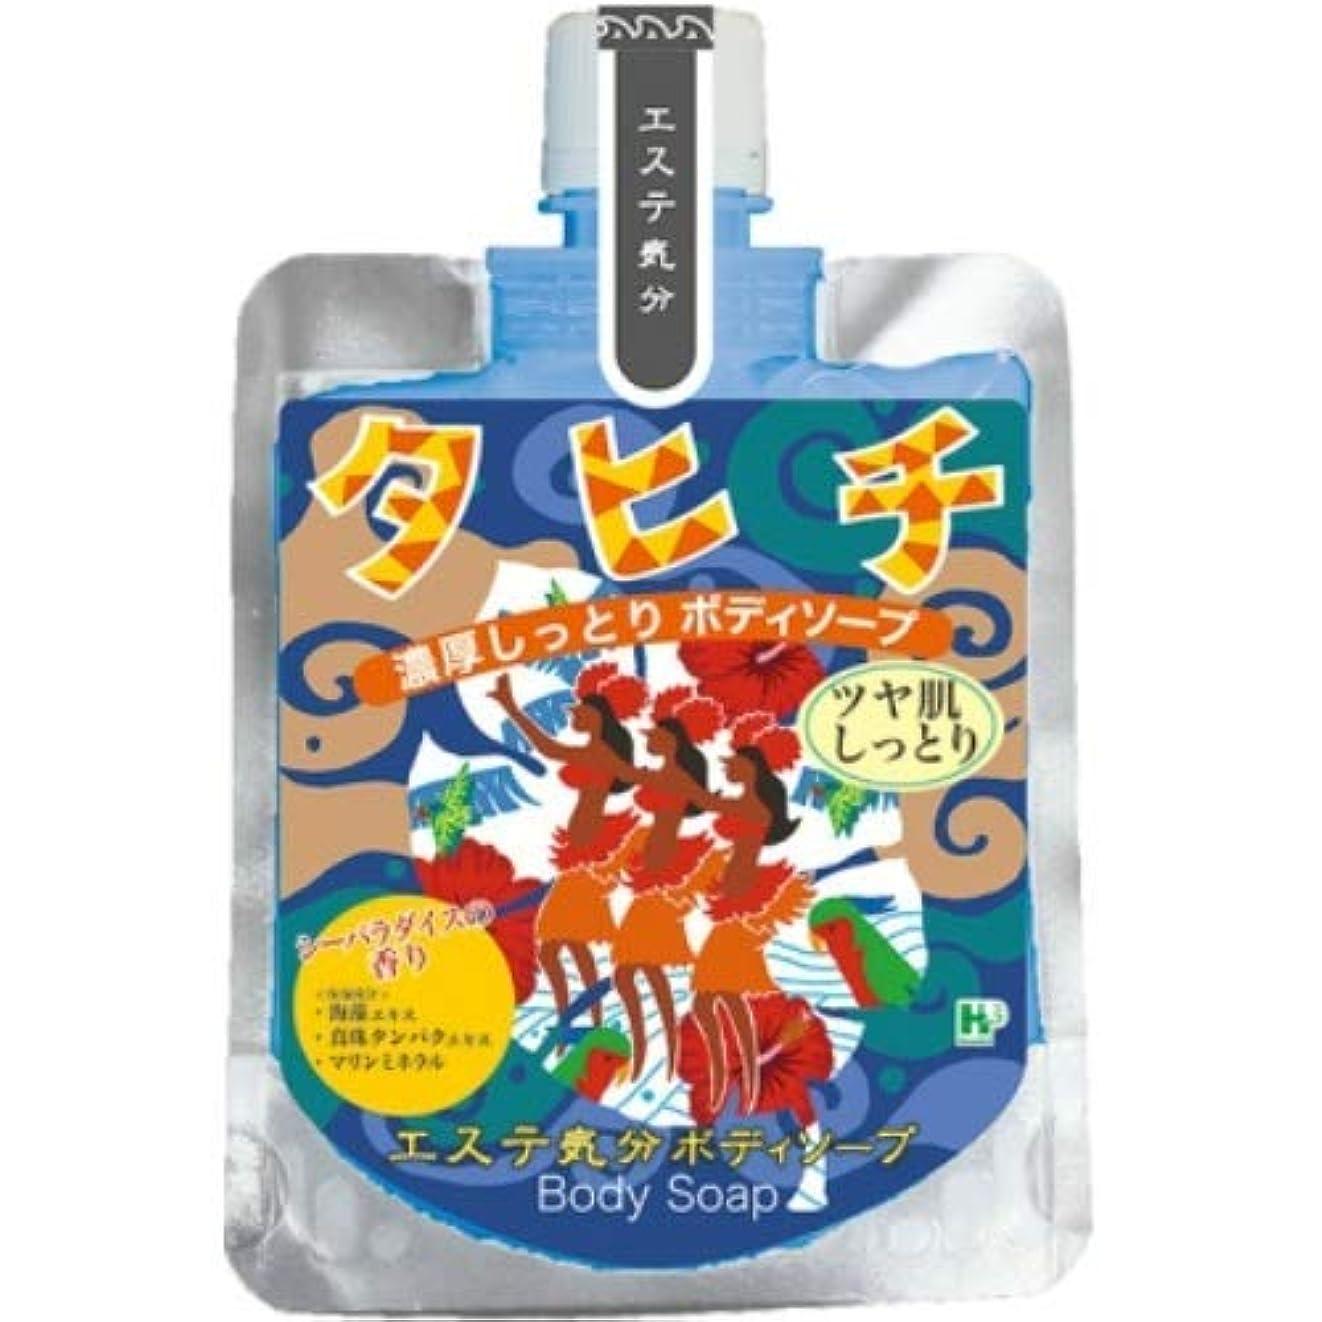 いろいろ空中塗抹エステ気分ボディーソープ タヒチ × 12個セット